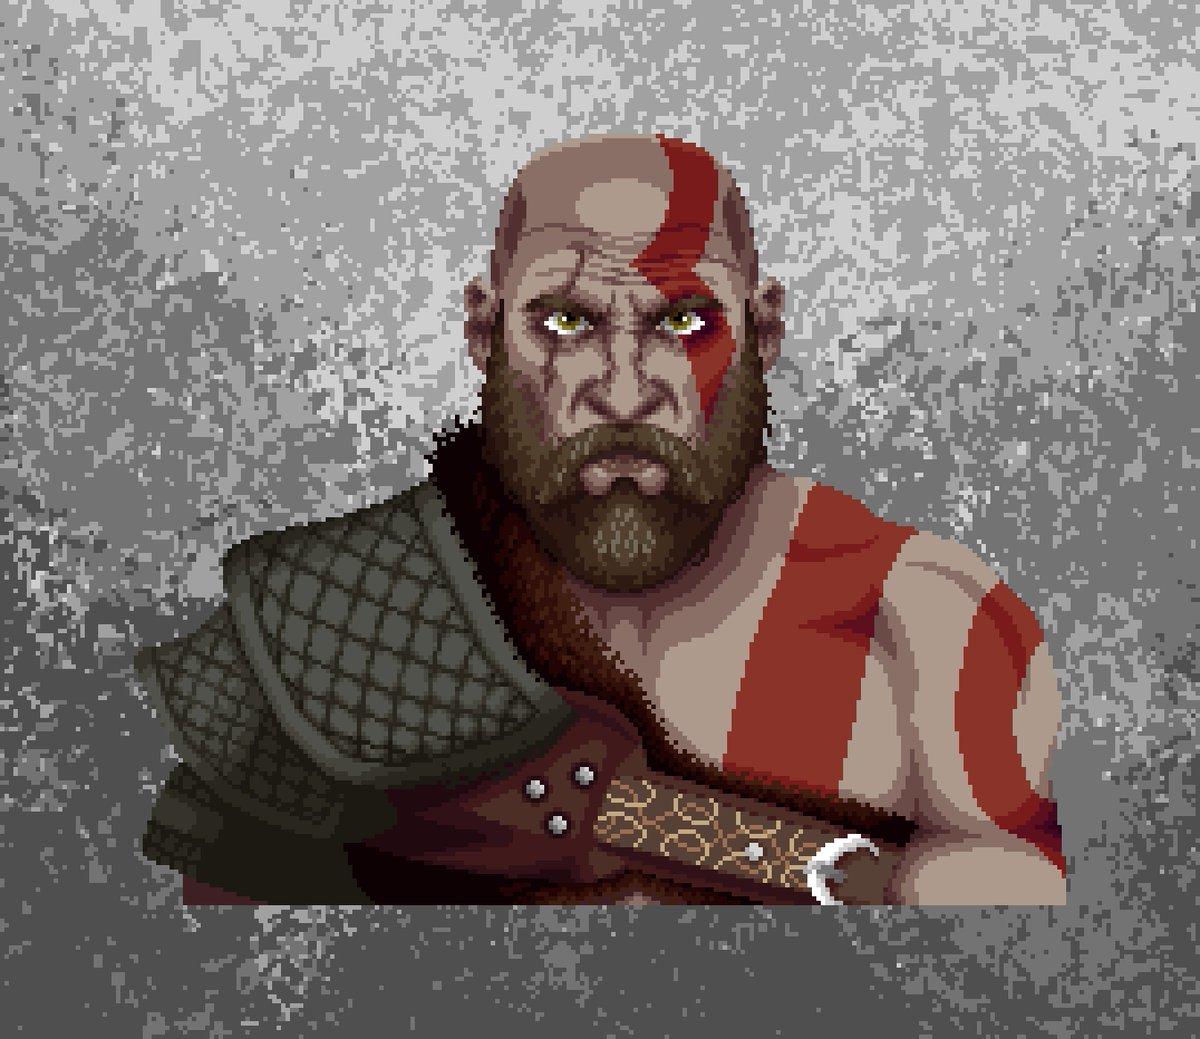 Lhiuskas On Twitter Kratos God Of War 4 Pixelart